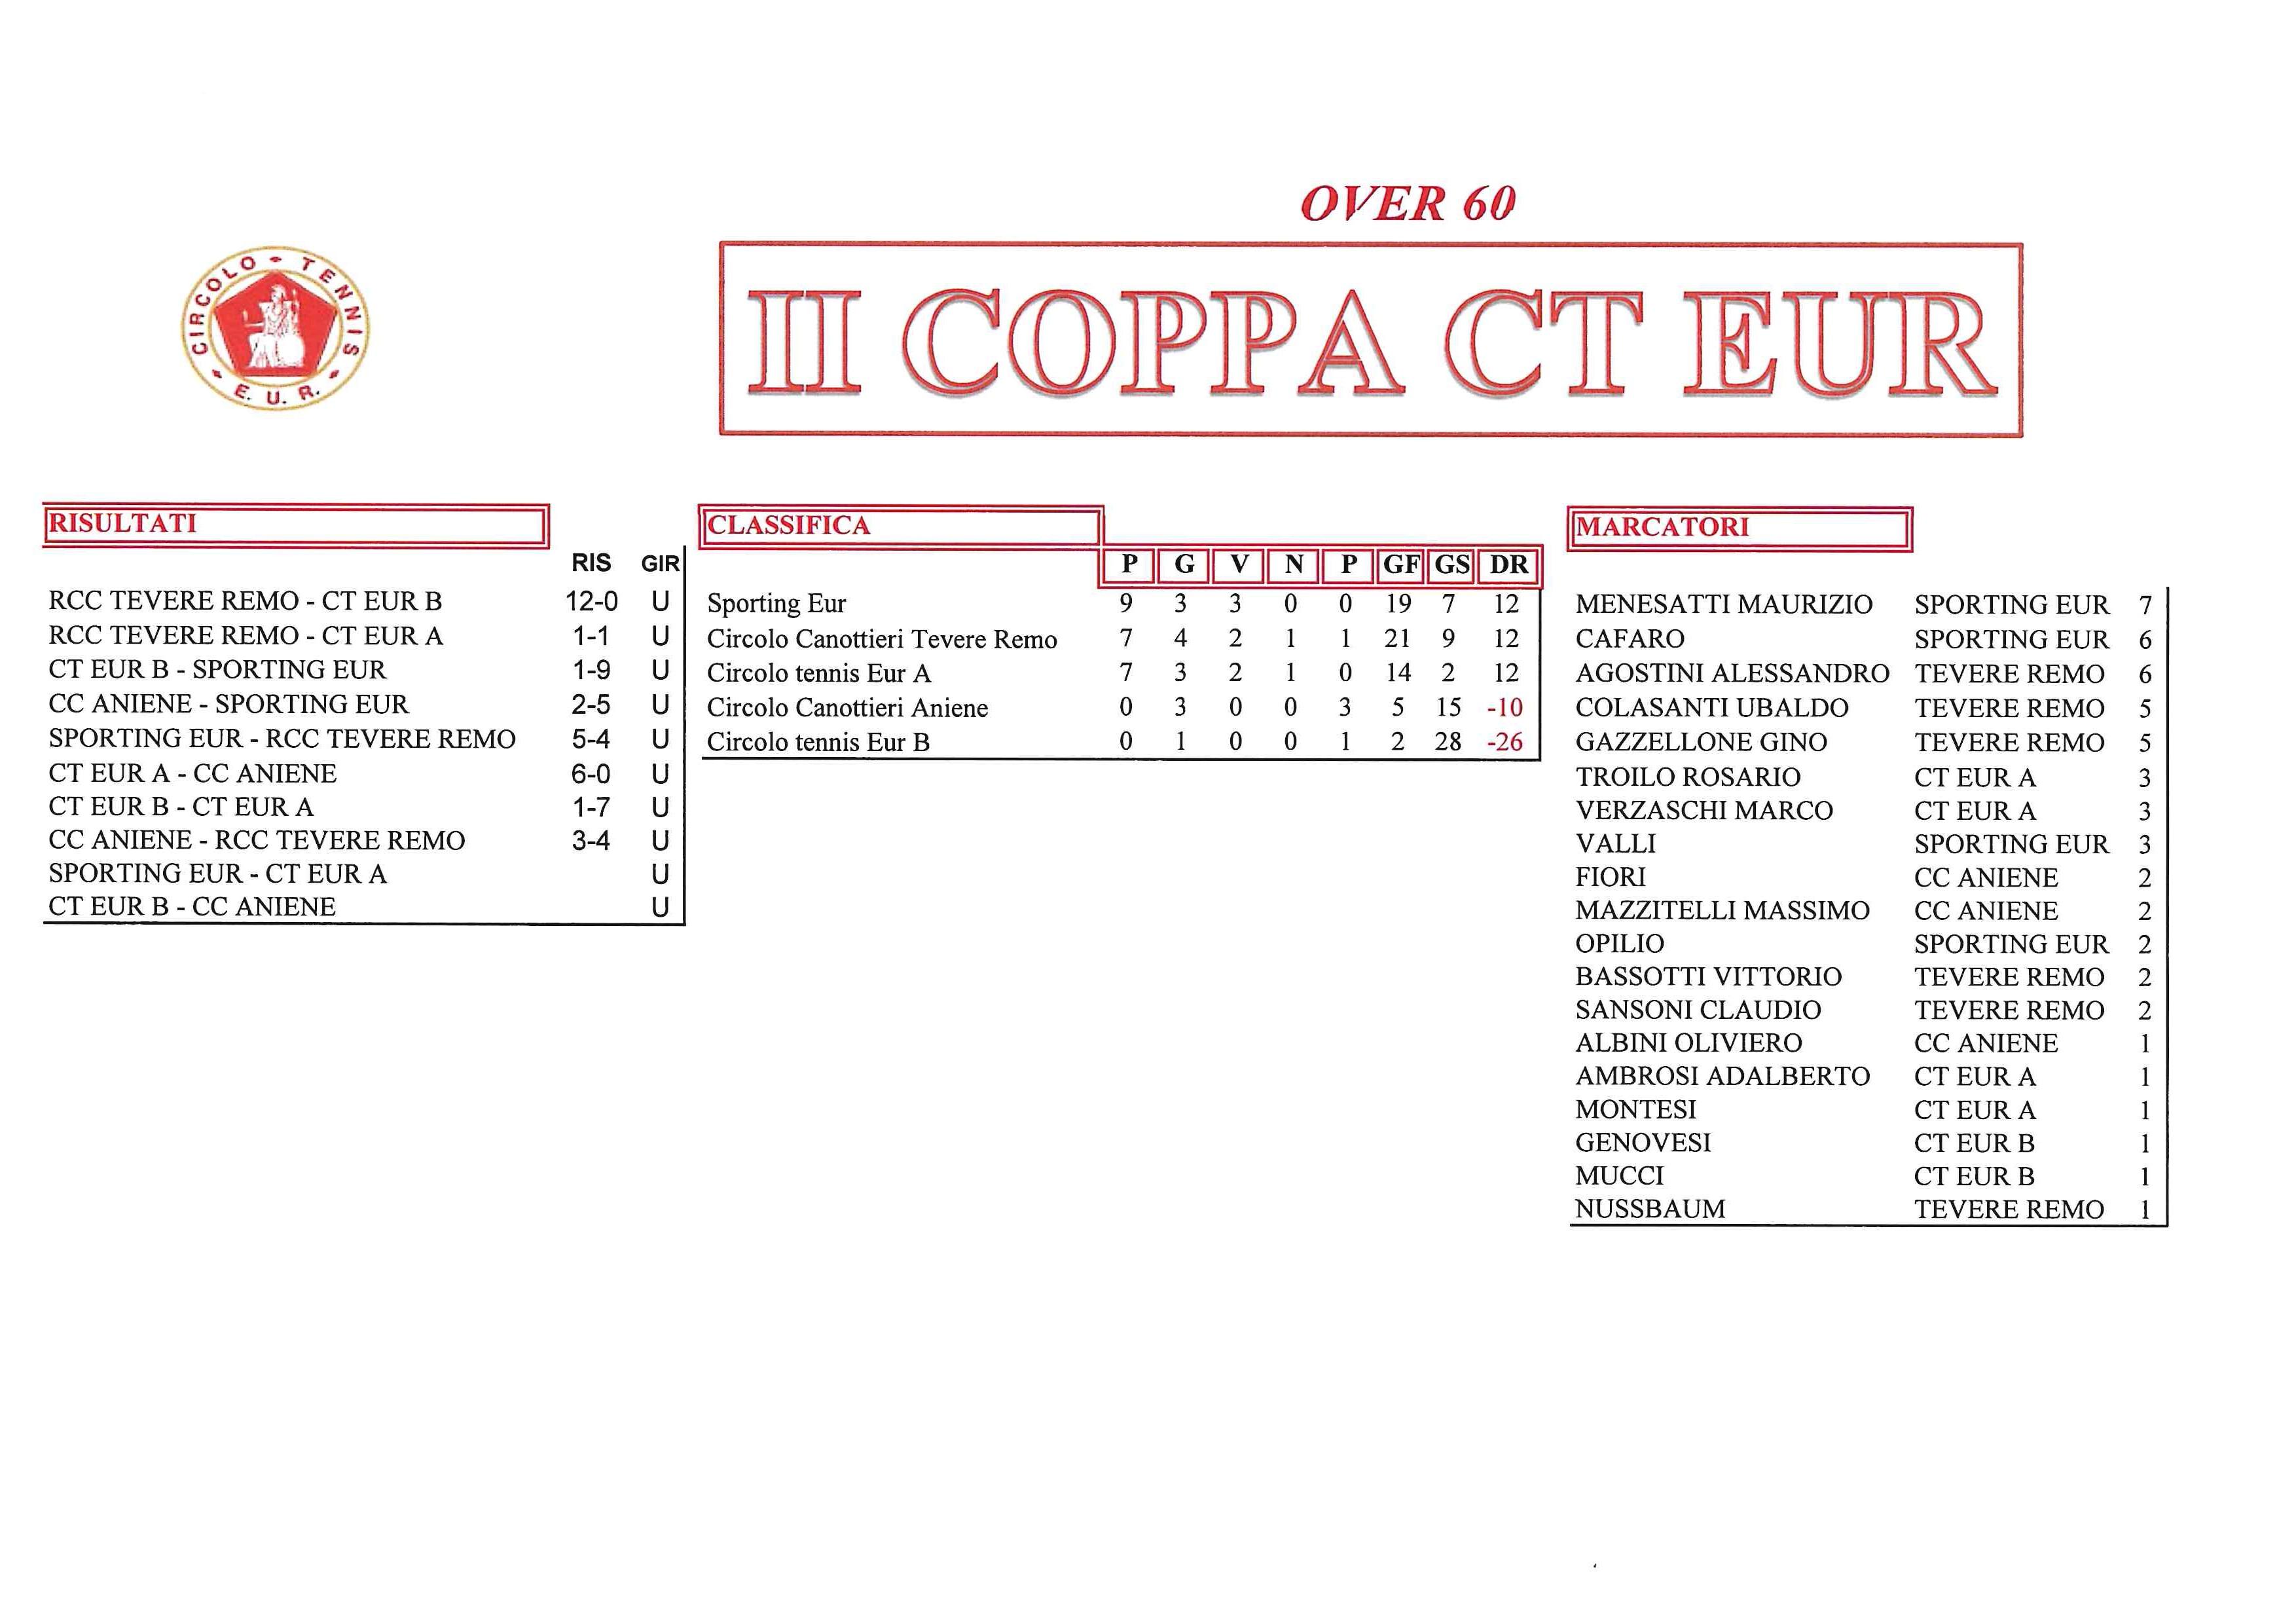 coppa-CT-Eur-risultati-del-4-ottobre-2017-Over-60